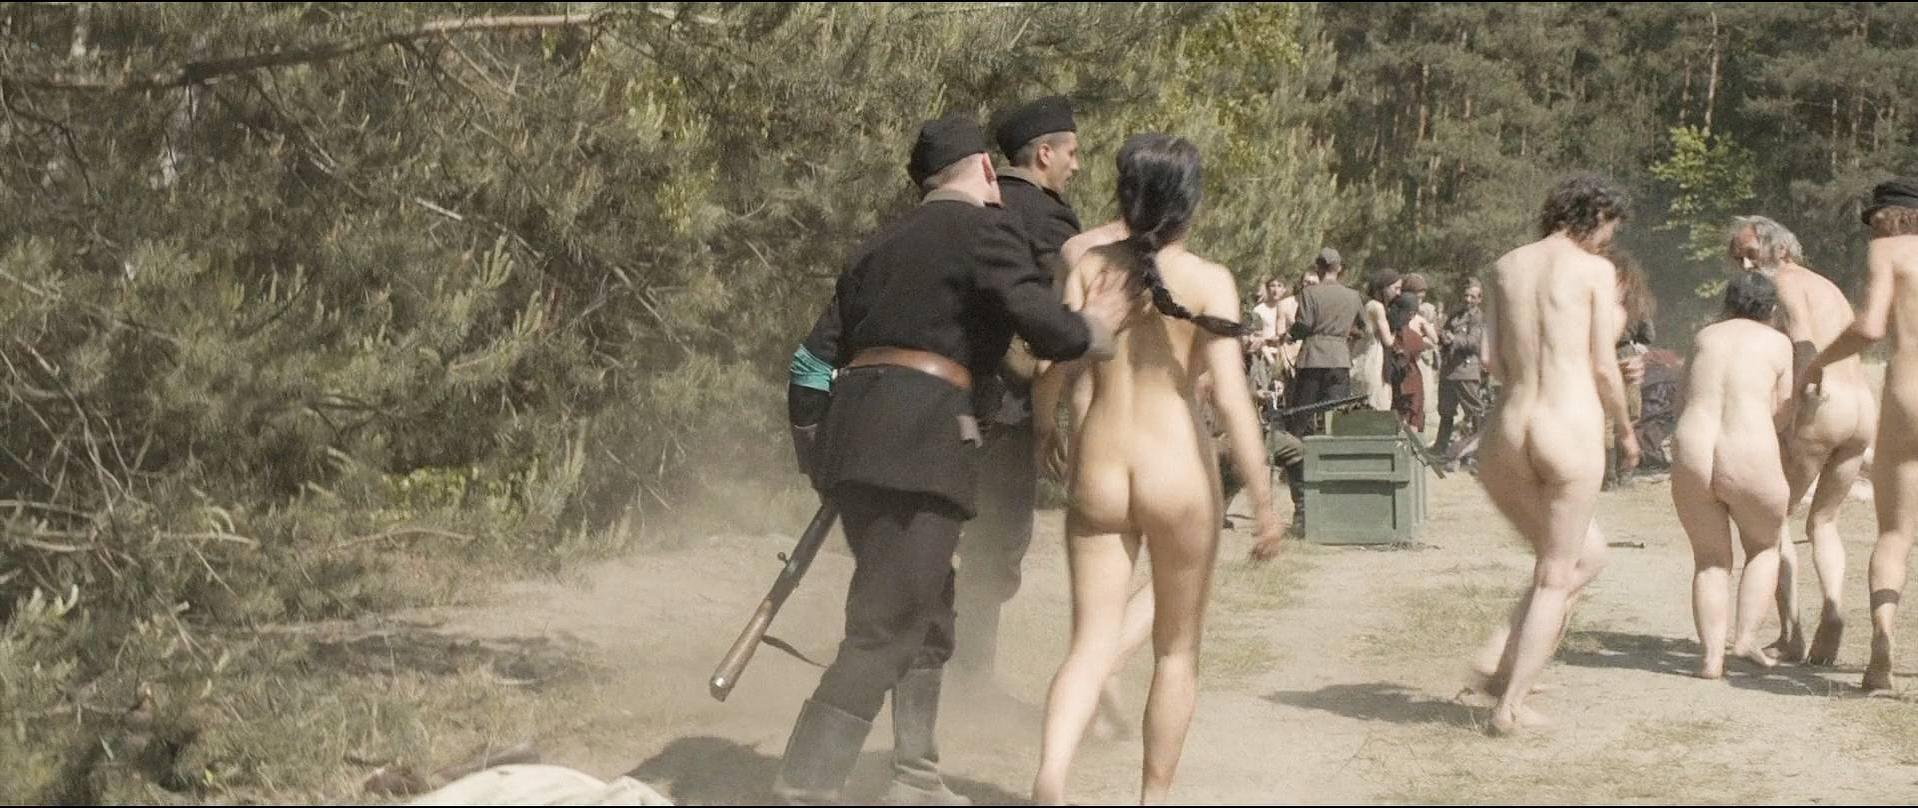 Stripped naked salieri movies — img 4